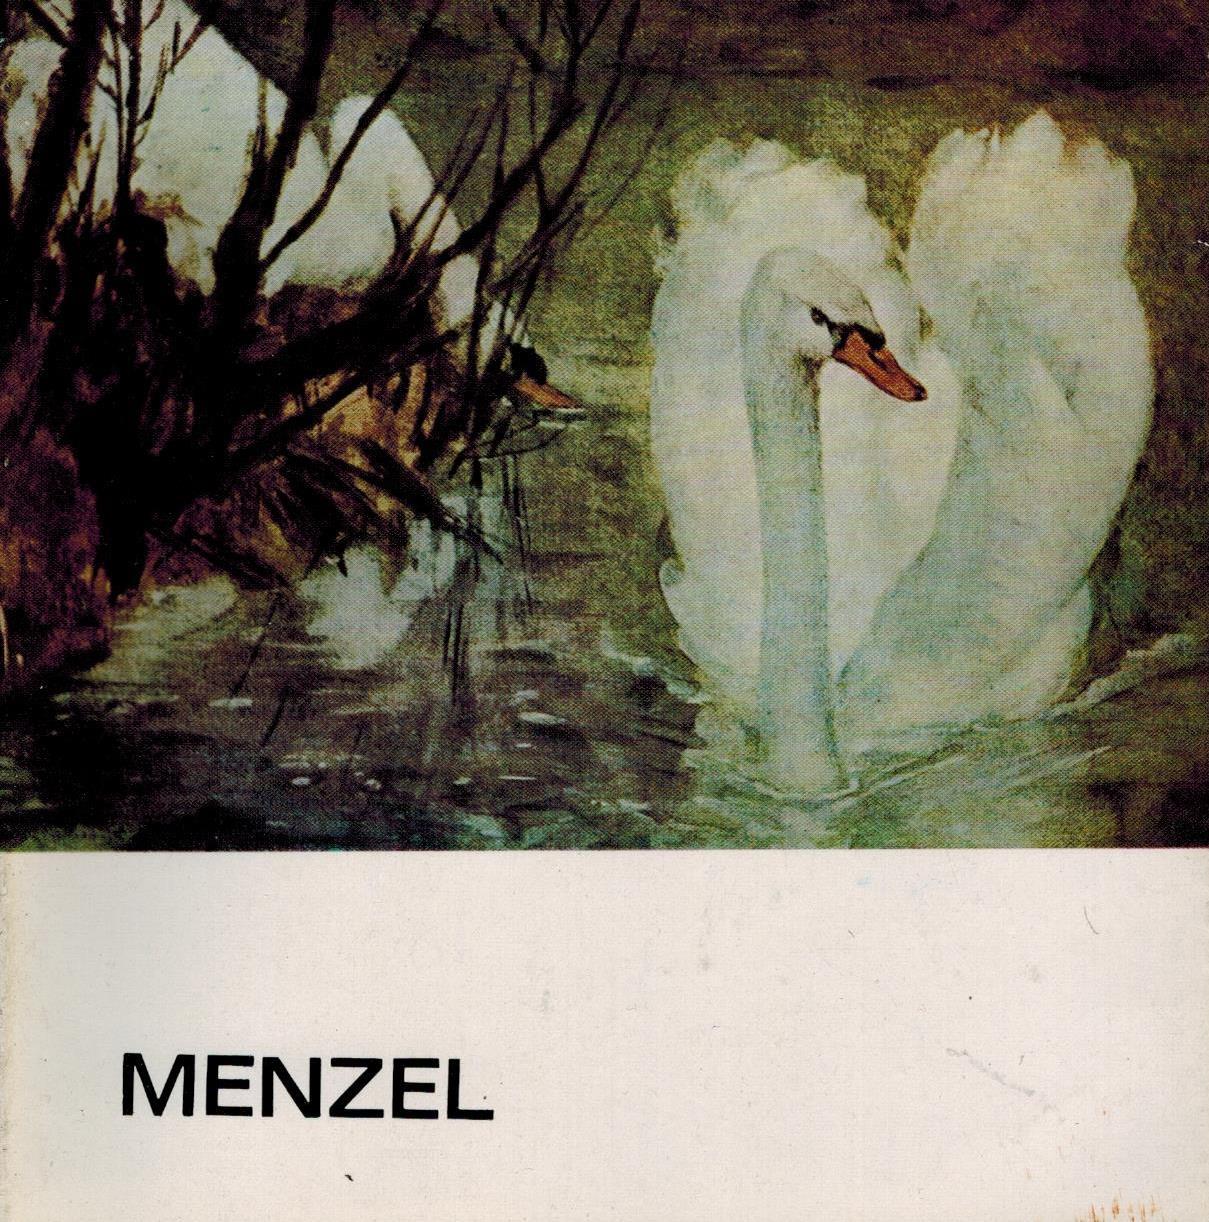 Hutt Wolfgang Menzel menzel wolfgang denkwurdigkeiten hrsg von k menzel german edition